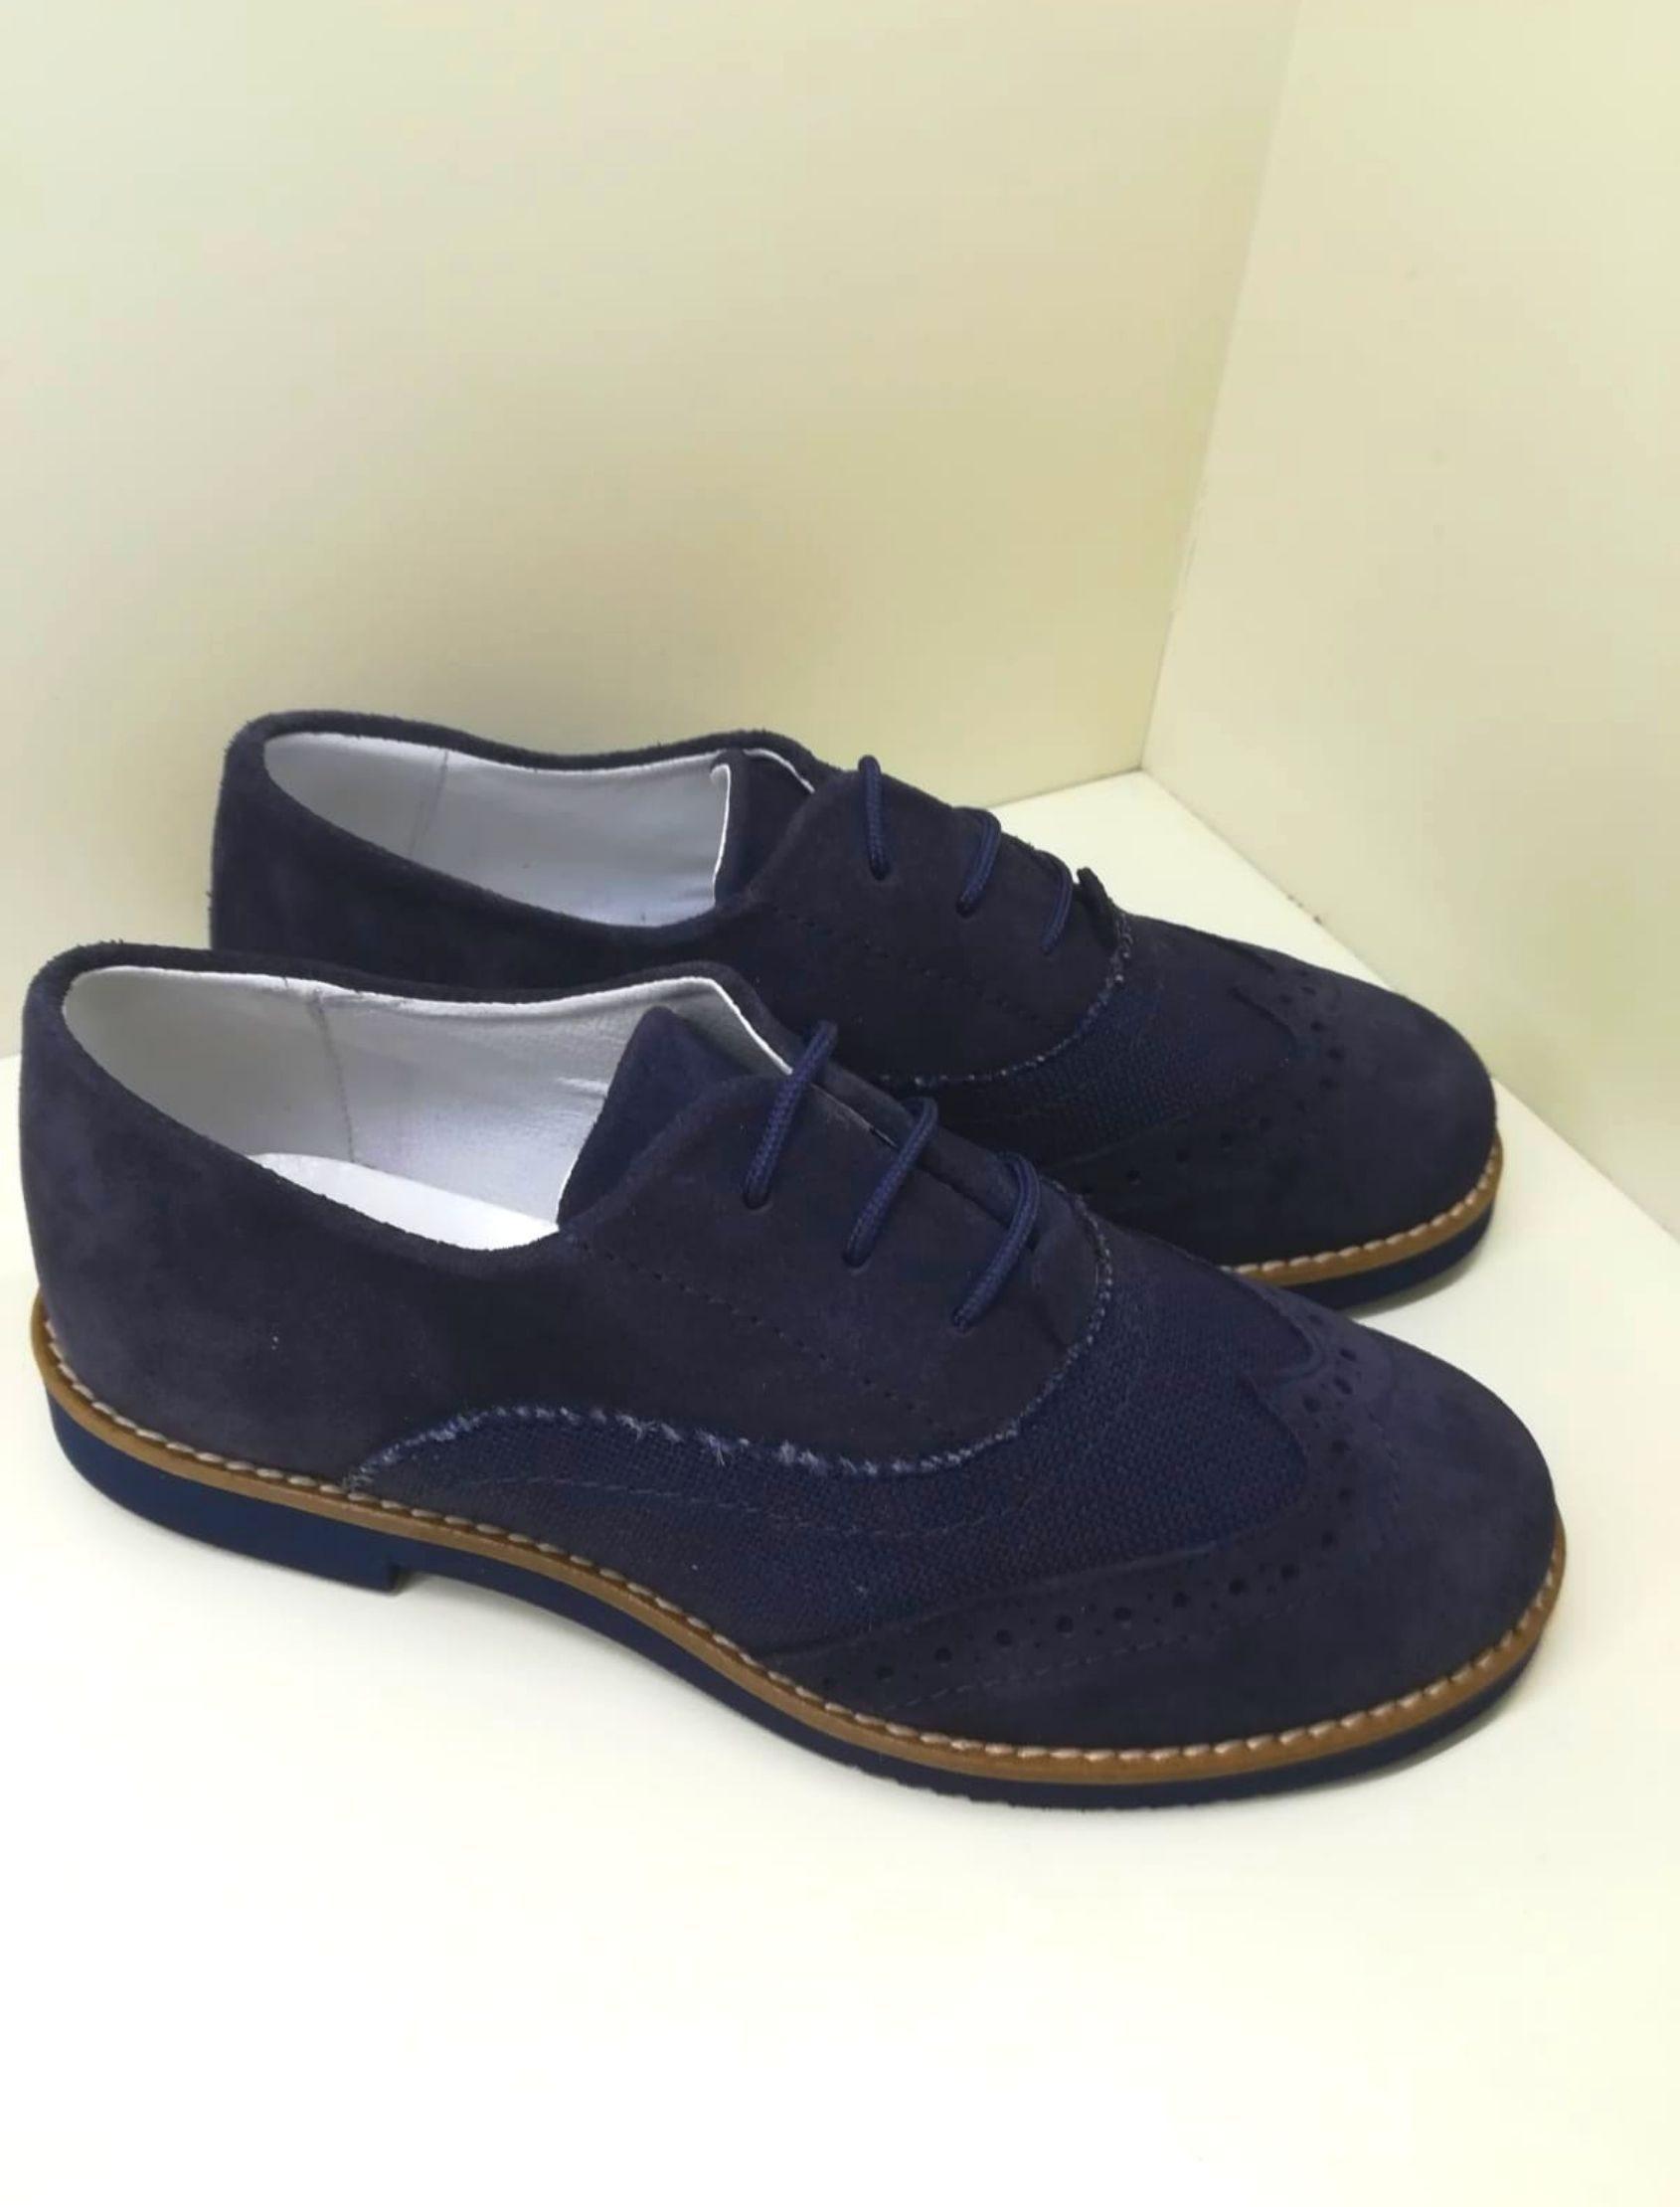 zapato estilo blucher con cordones en piel ante y color azul marino atlántico